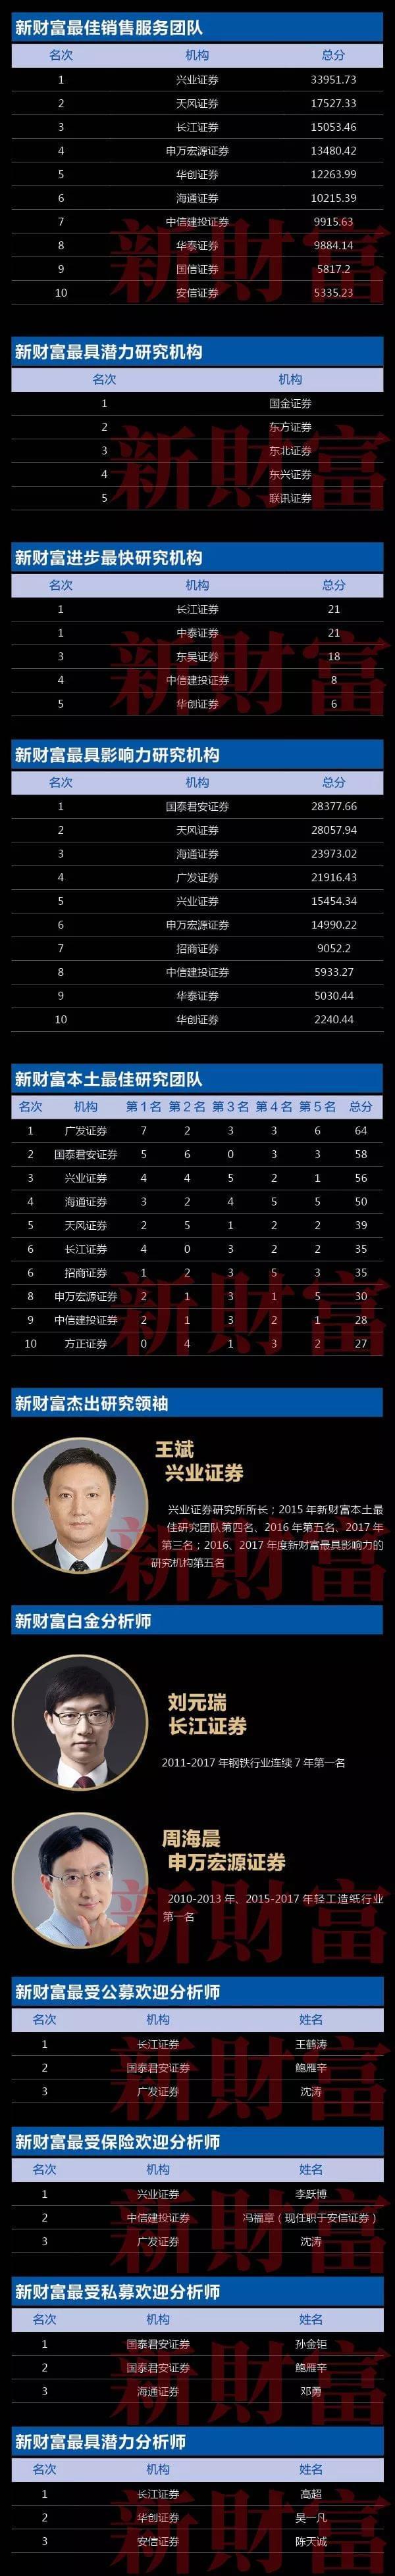 新财富榜单:广发郭磊宏观第一 海通荀玉根策略第一